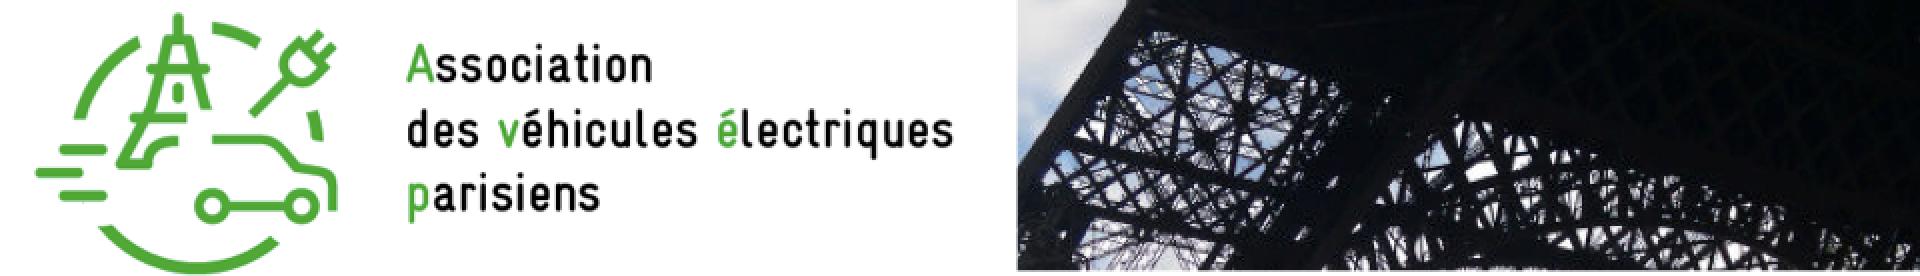 TETIERE-AVEP-TOUR-EIFFEL-2019.png